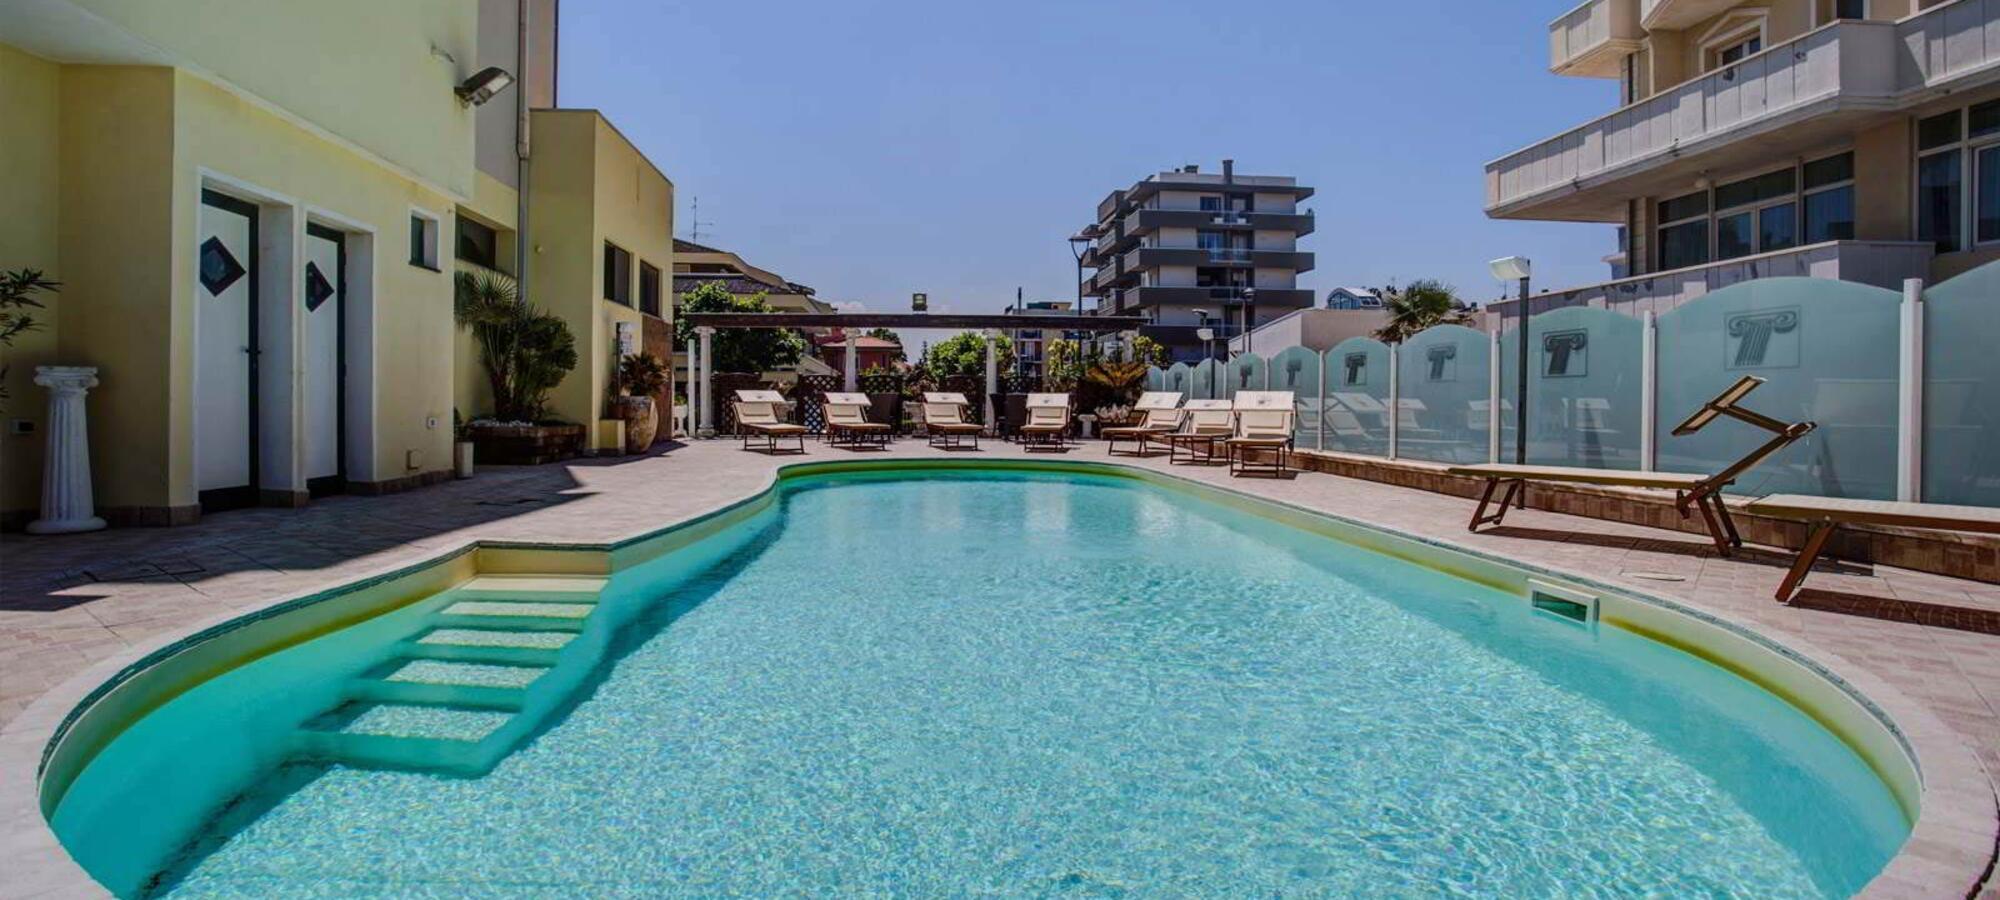 Hotel sulla spiaggia con piscina a rimini hotel caesar paladium - Hotel con piscina a rimini ...